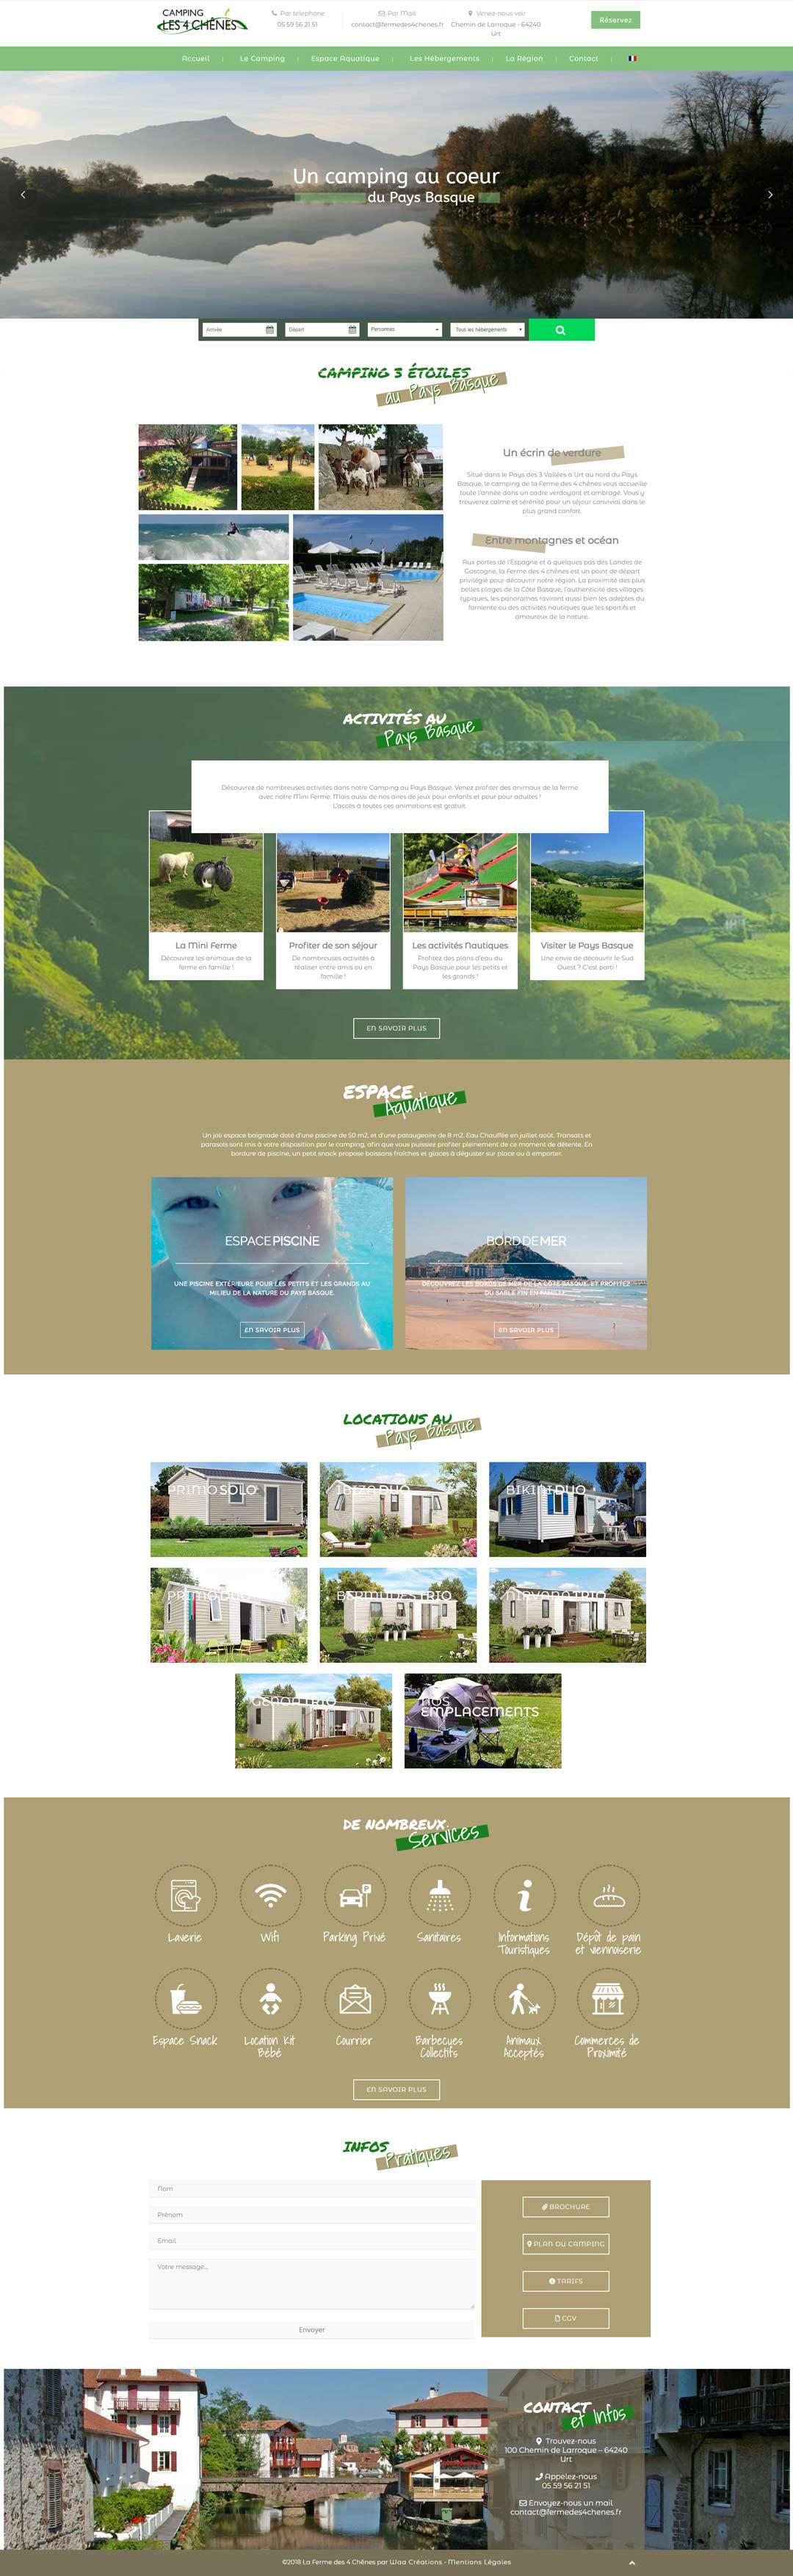 Le design du site La ferme des 4 chênes